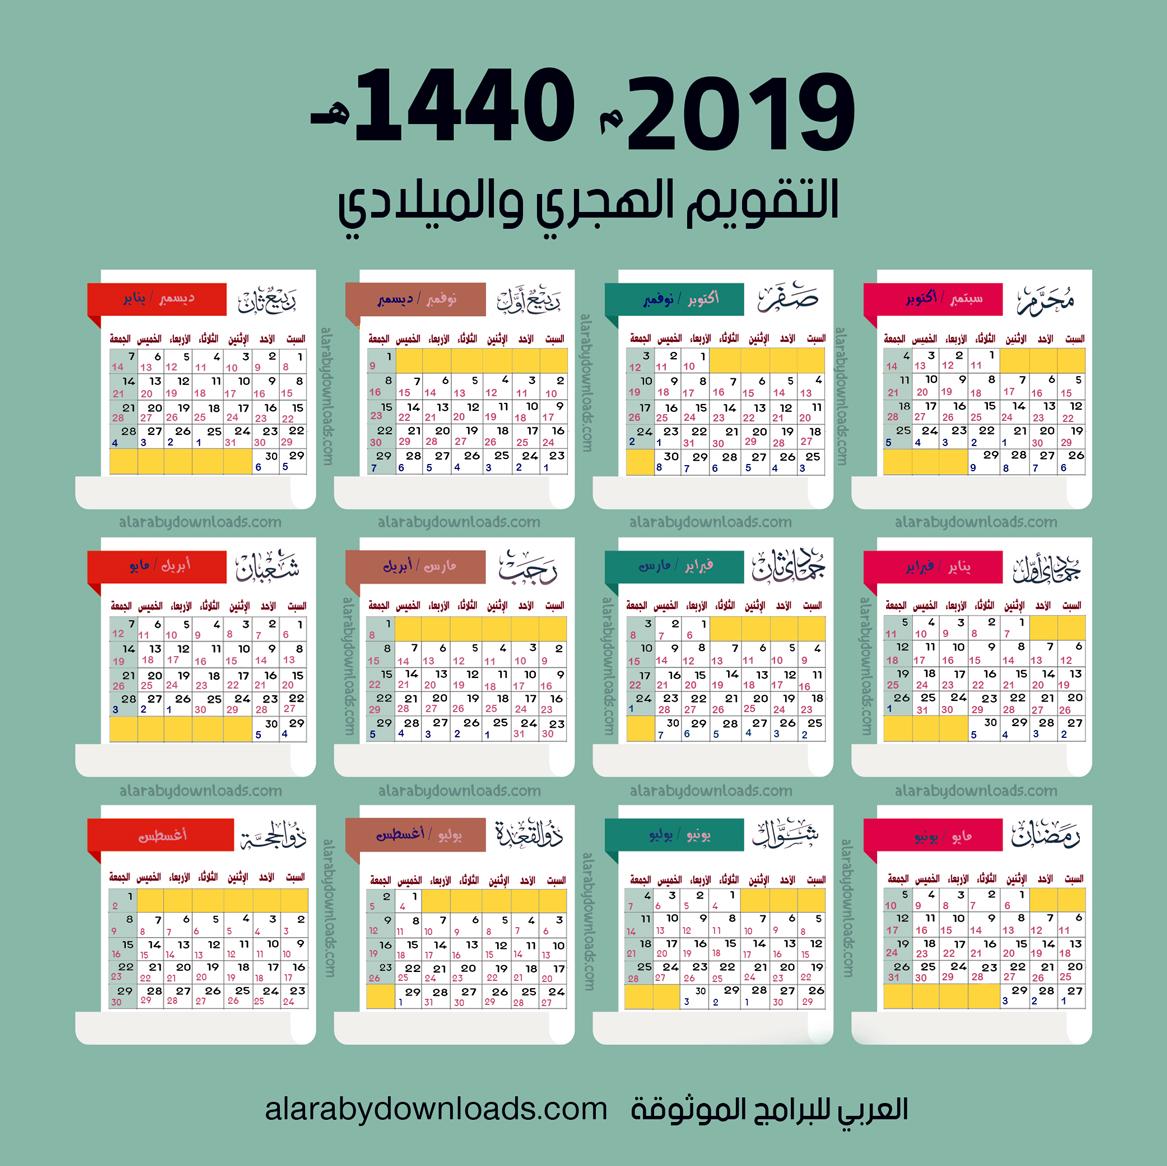 تحميل التقويم الميلادي والهجري لعام 1440/2019 التقويم الهجري مدمج مع الميلادي للجوال والكمبيوتر